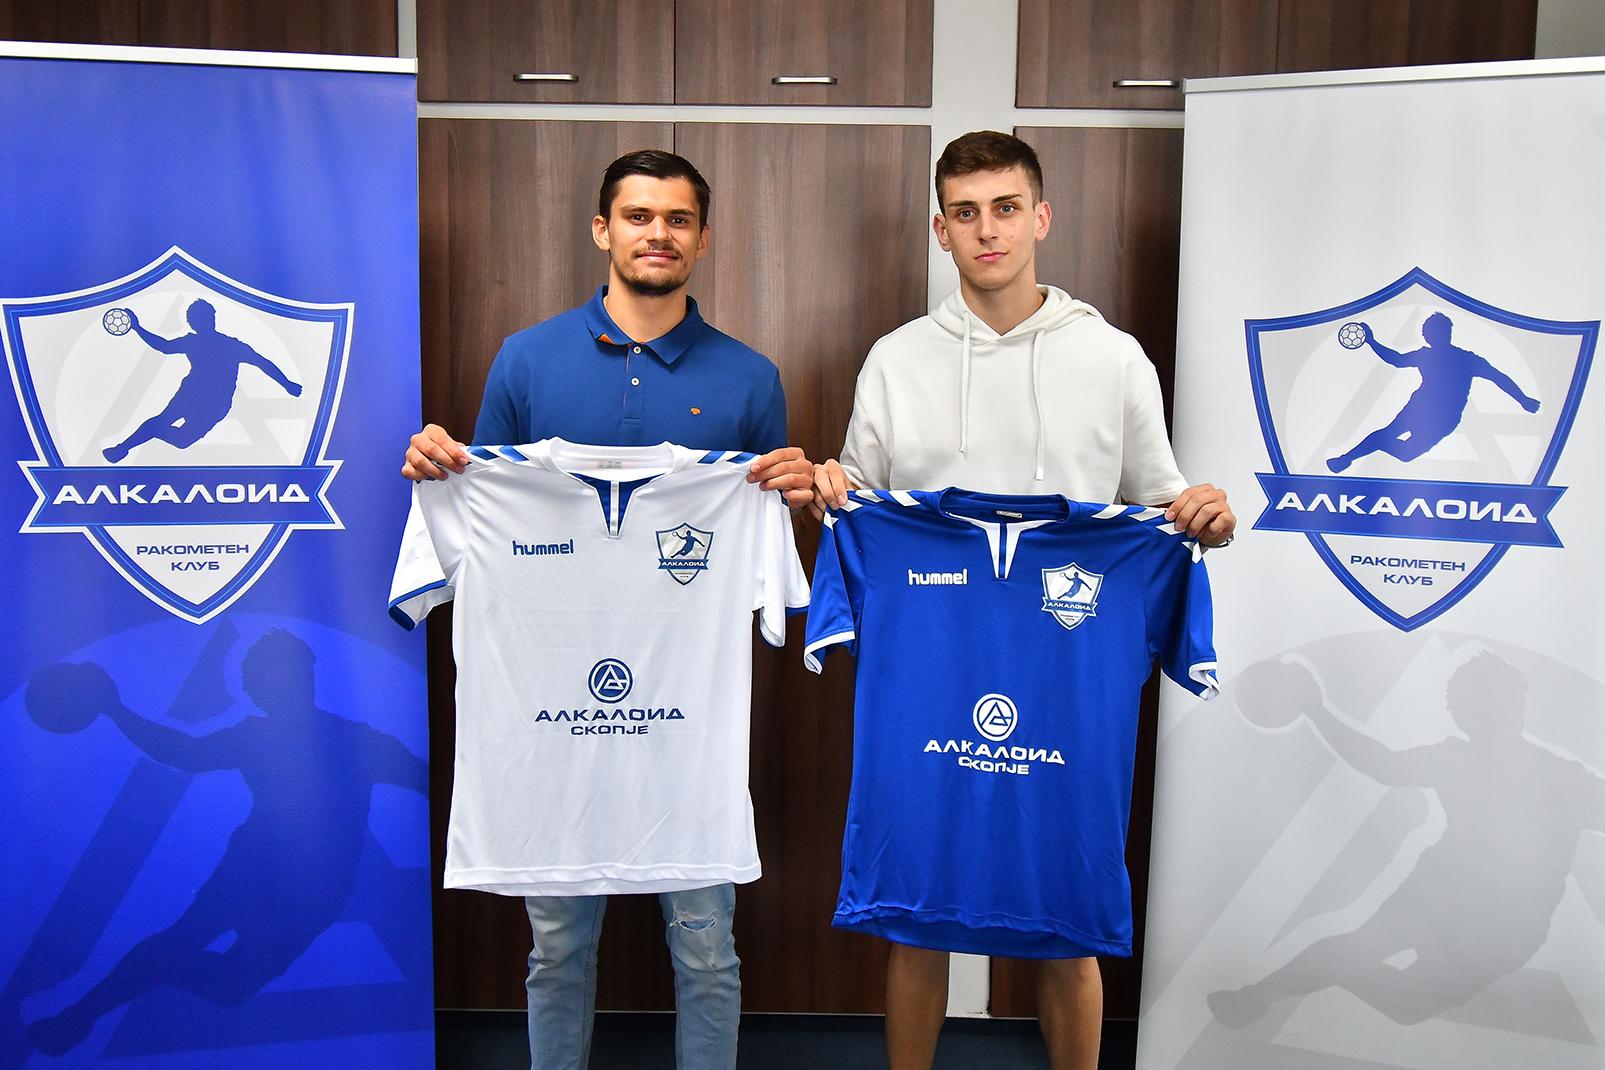 Алкалоид ги потврди првите засилувања – потпишаа репрезентативците Серафимов и Ѓорѓиев!